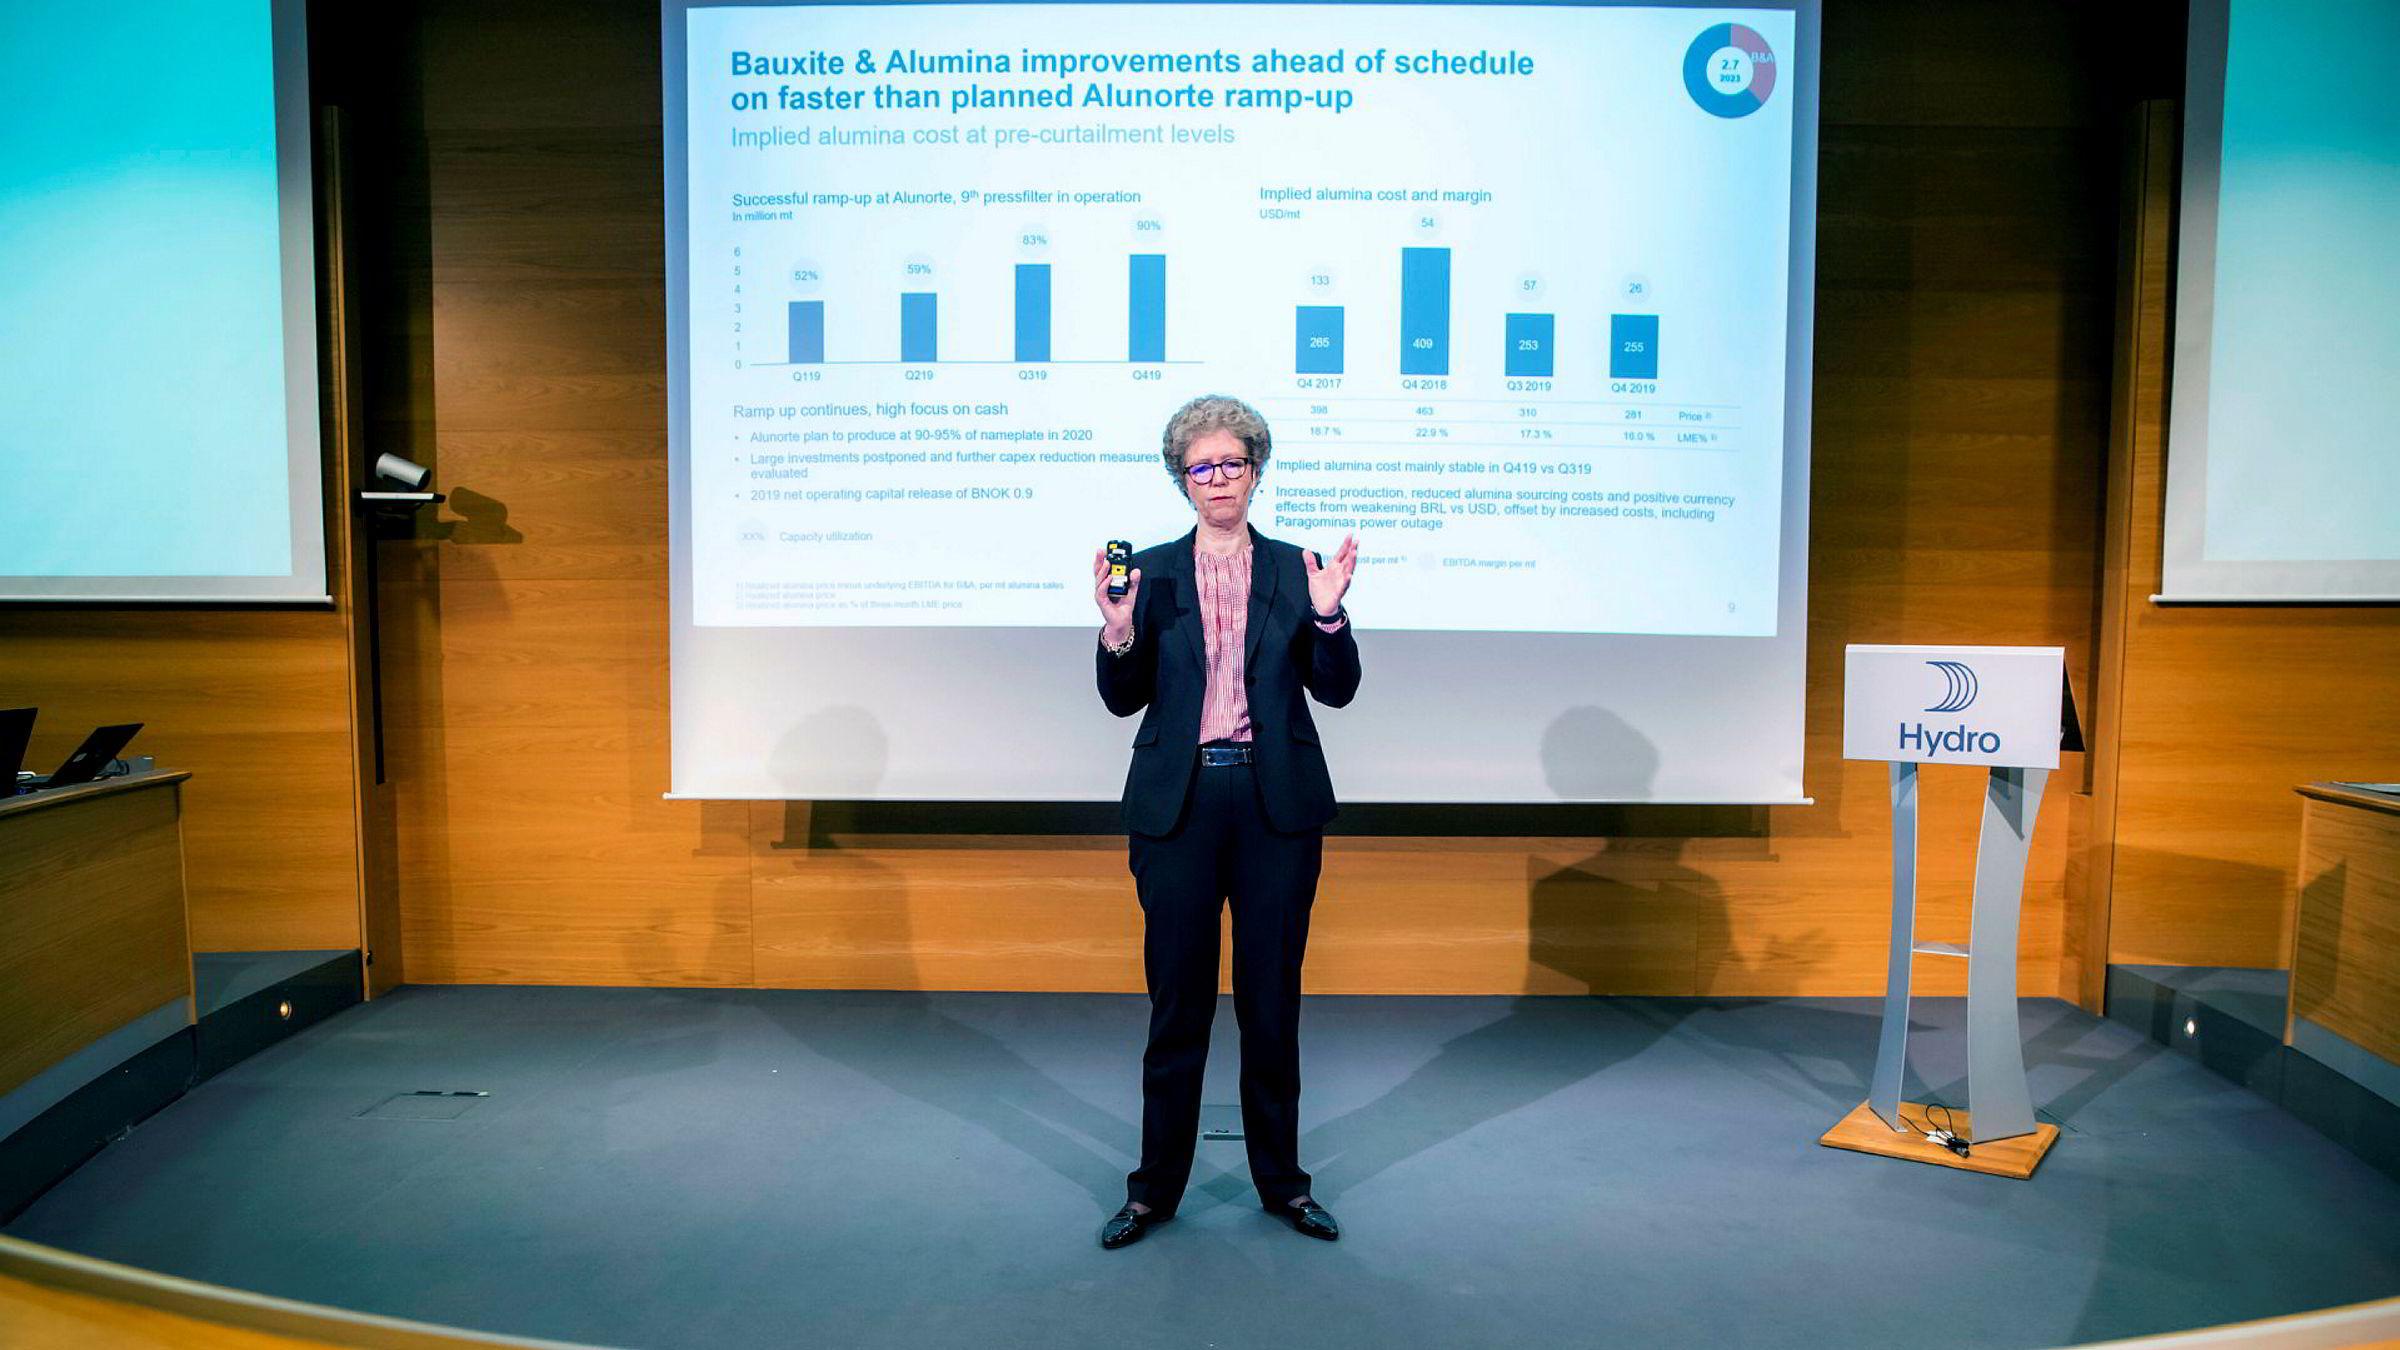 Hydros konsernsjef Hilde Merete Aasheim legger frem de skuffende resultatene på en kombinert analytikerpresentasjon og pressekonferanse ved Hydros hovedkontor i Oslo fredag morgen.